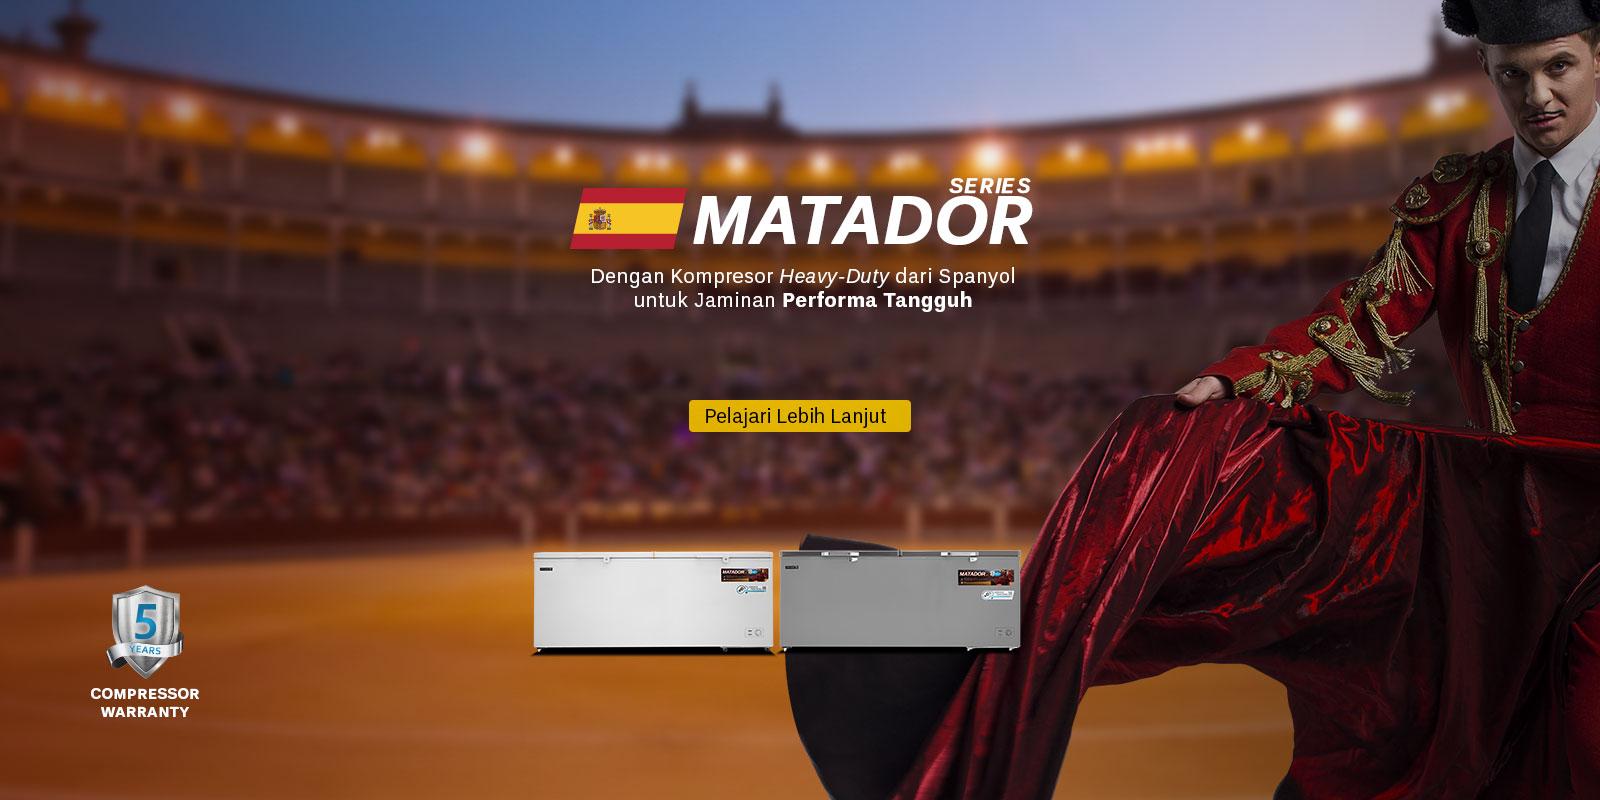 ARTUGO Matador Series